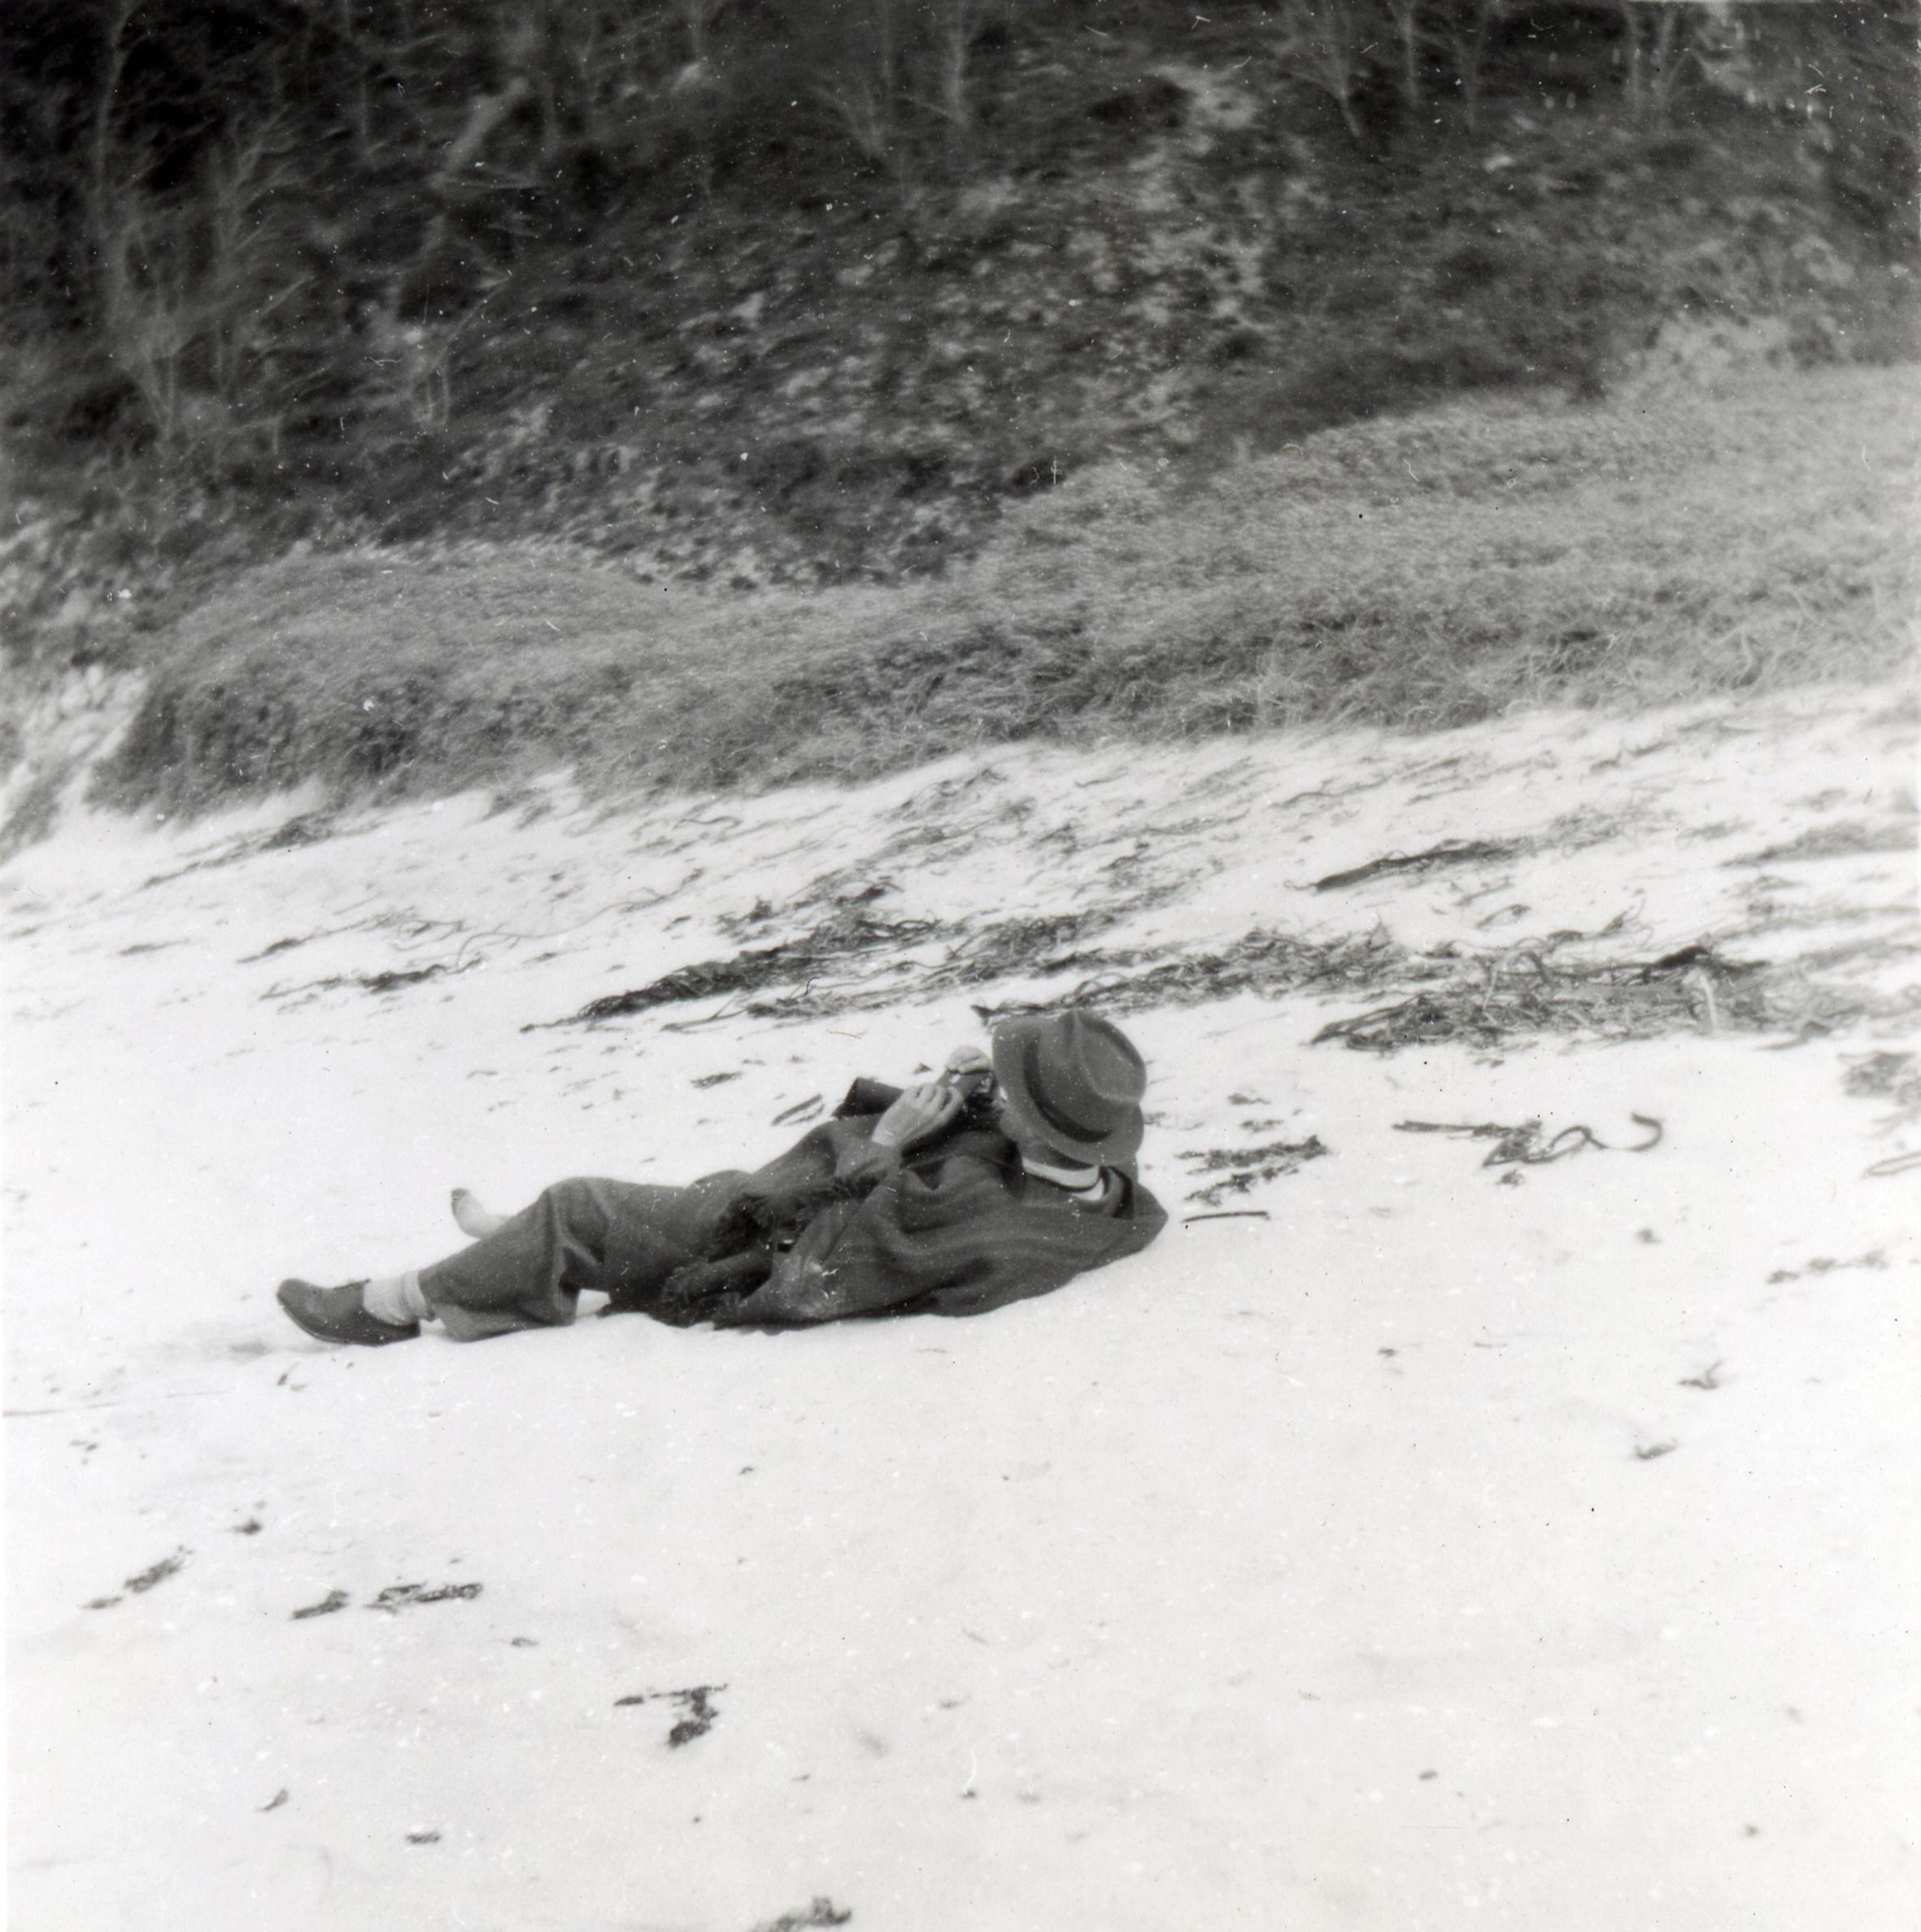 Enterreno - Fotos históricas de chile - fotos antiguas de Chile - Playa Ramuntcho en 1949